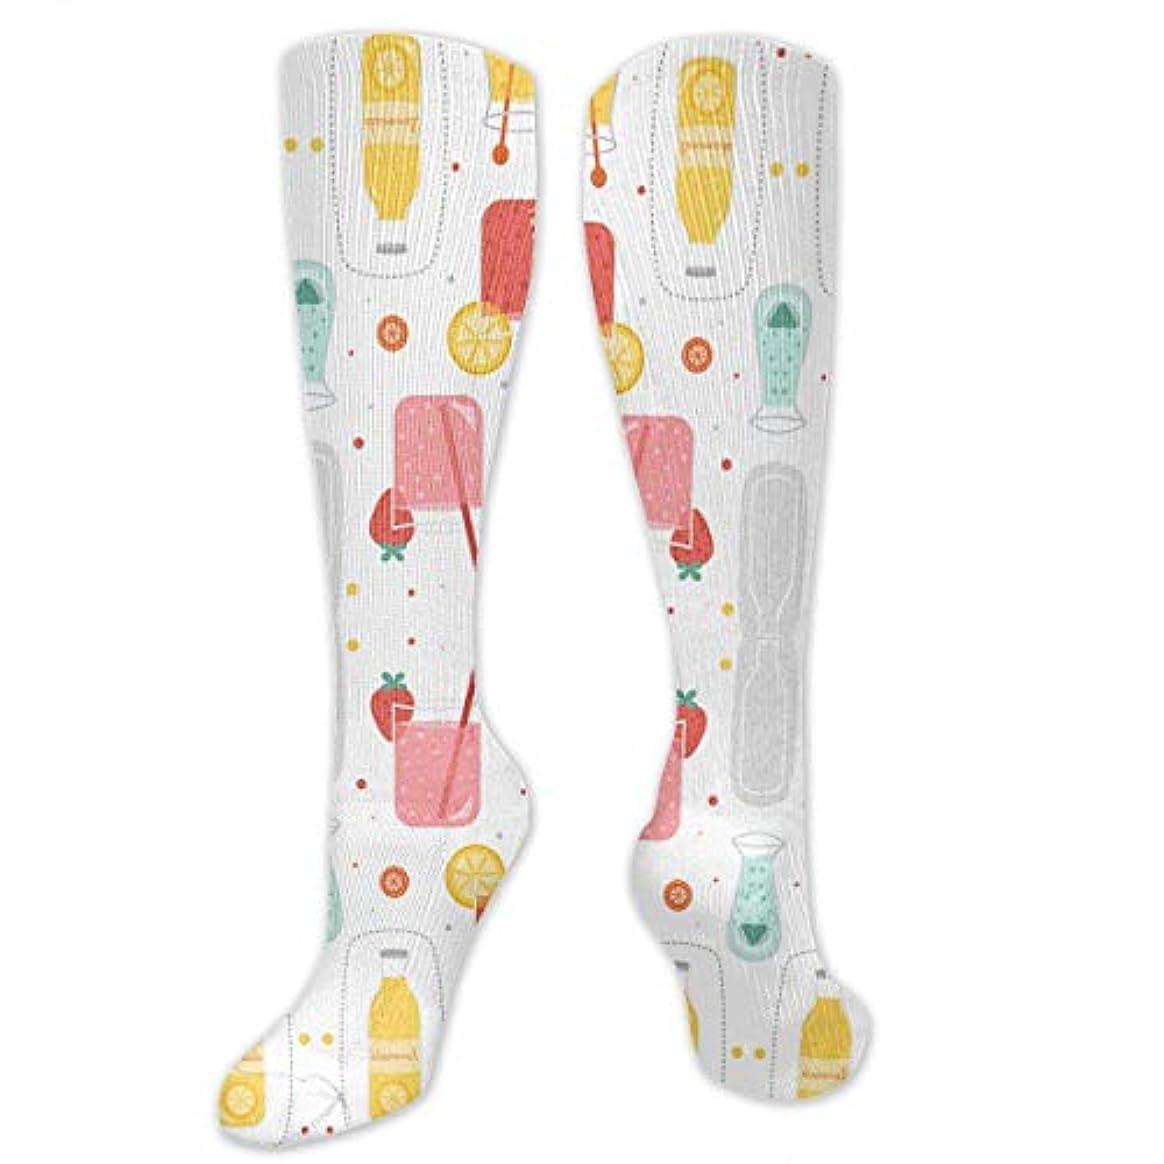 トランジスタカウボーイ範囲靴下,ストッキング,野生のジョーカー,実際,秋の本質,冬必須,サマーウェア&RBXAA Lemonade White Socks Women's Winter Cotton Long Tube Socks Cotton...